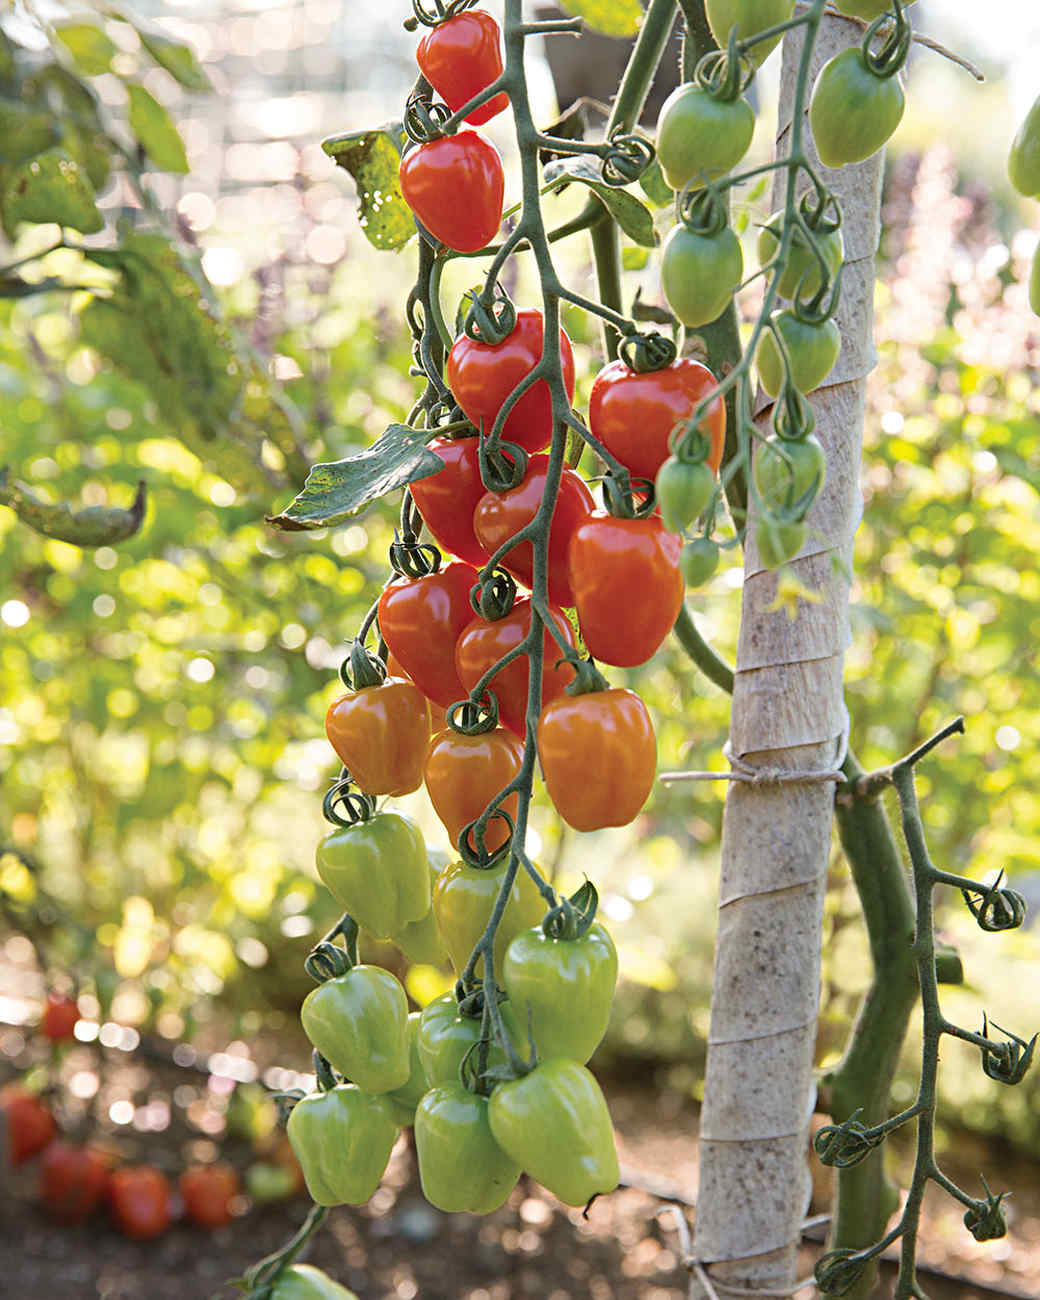 rockefeller-tomatoes-479-d112371.jpg